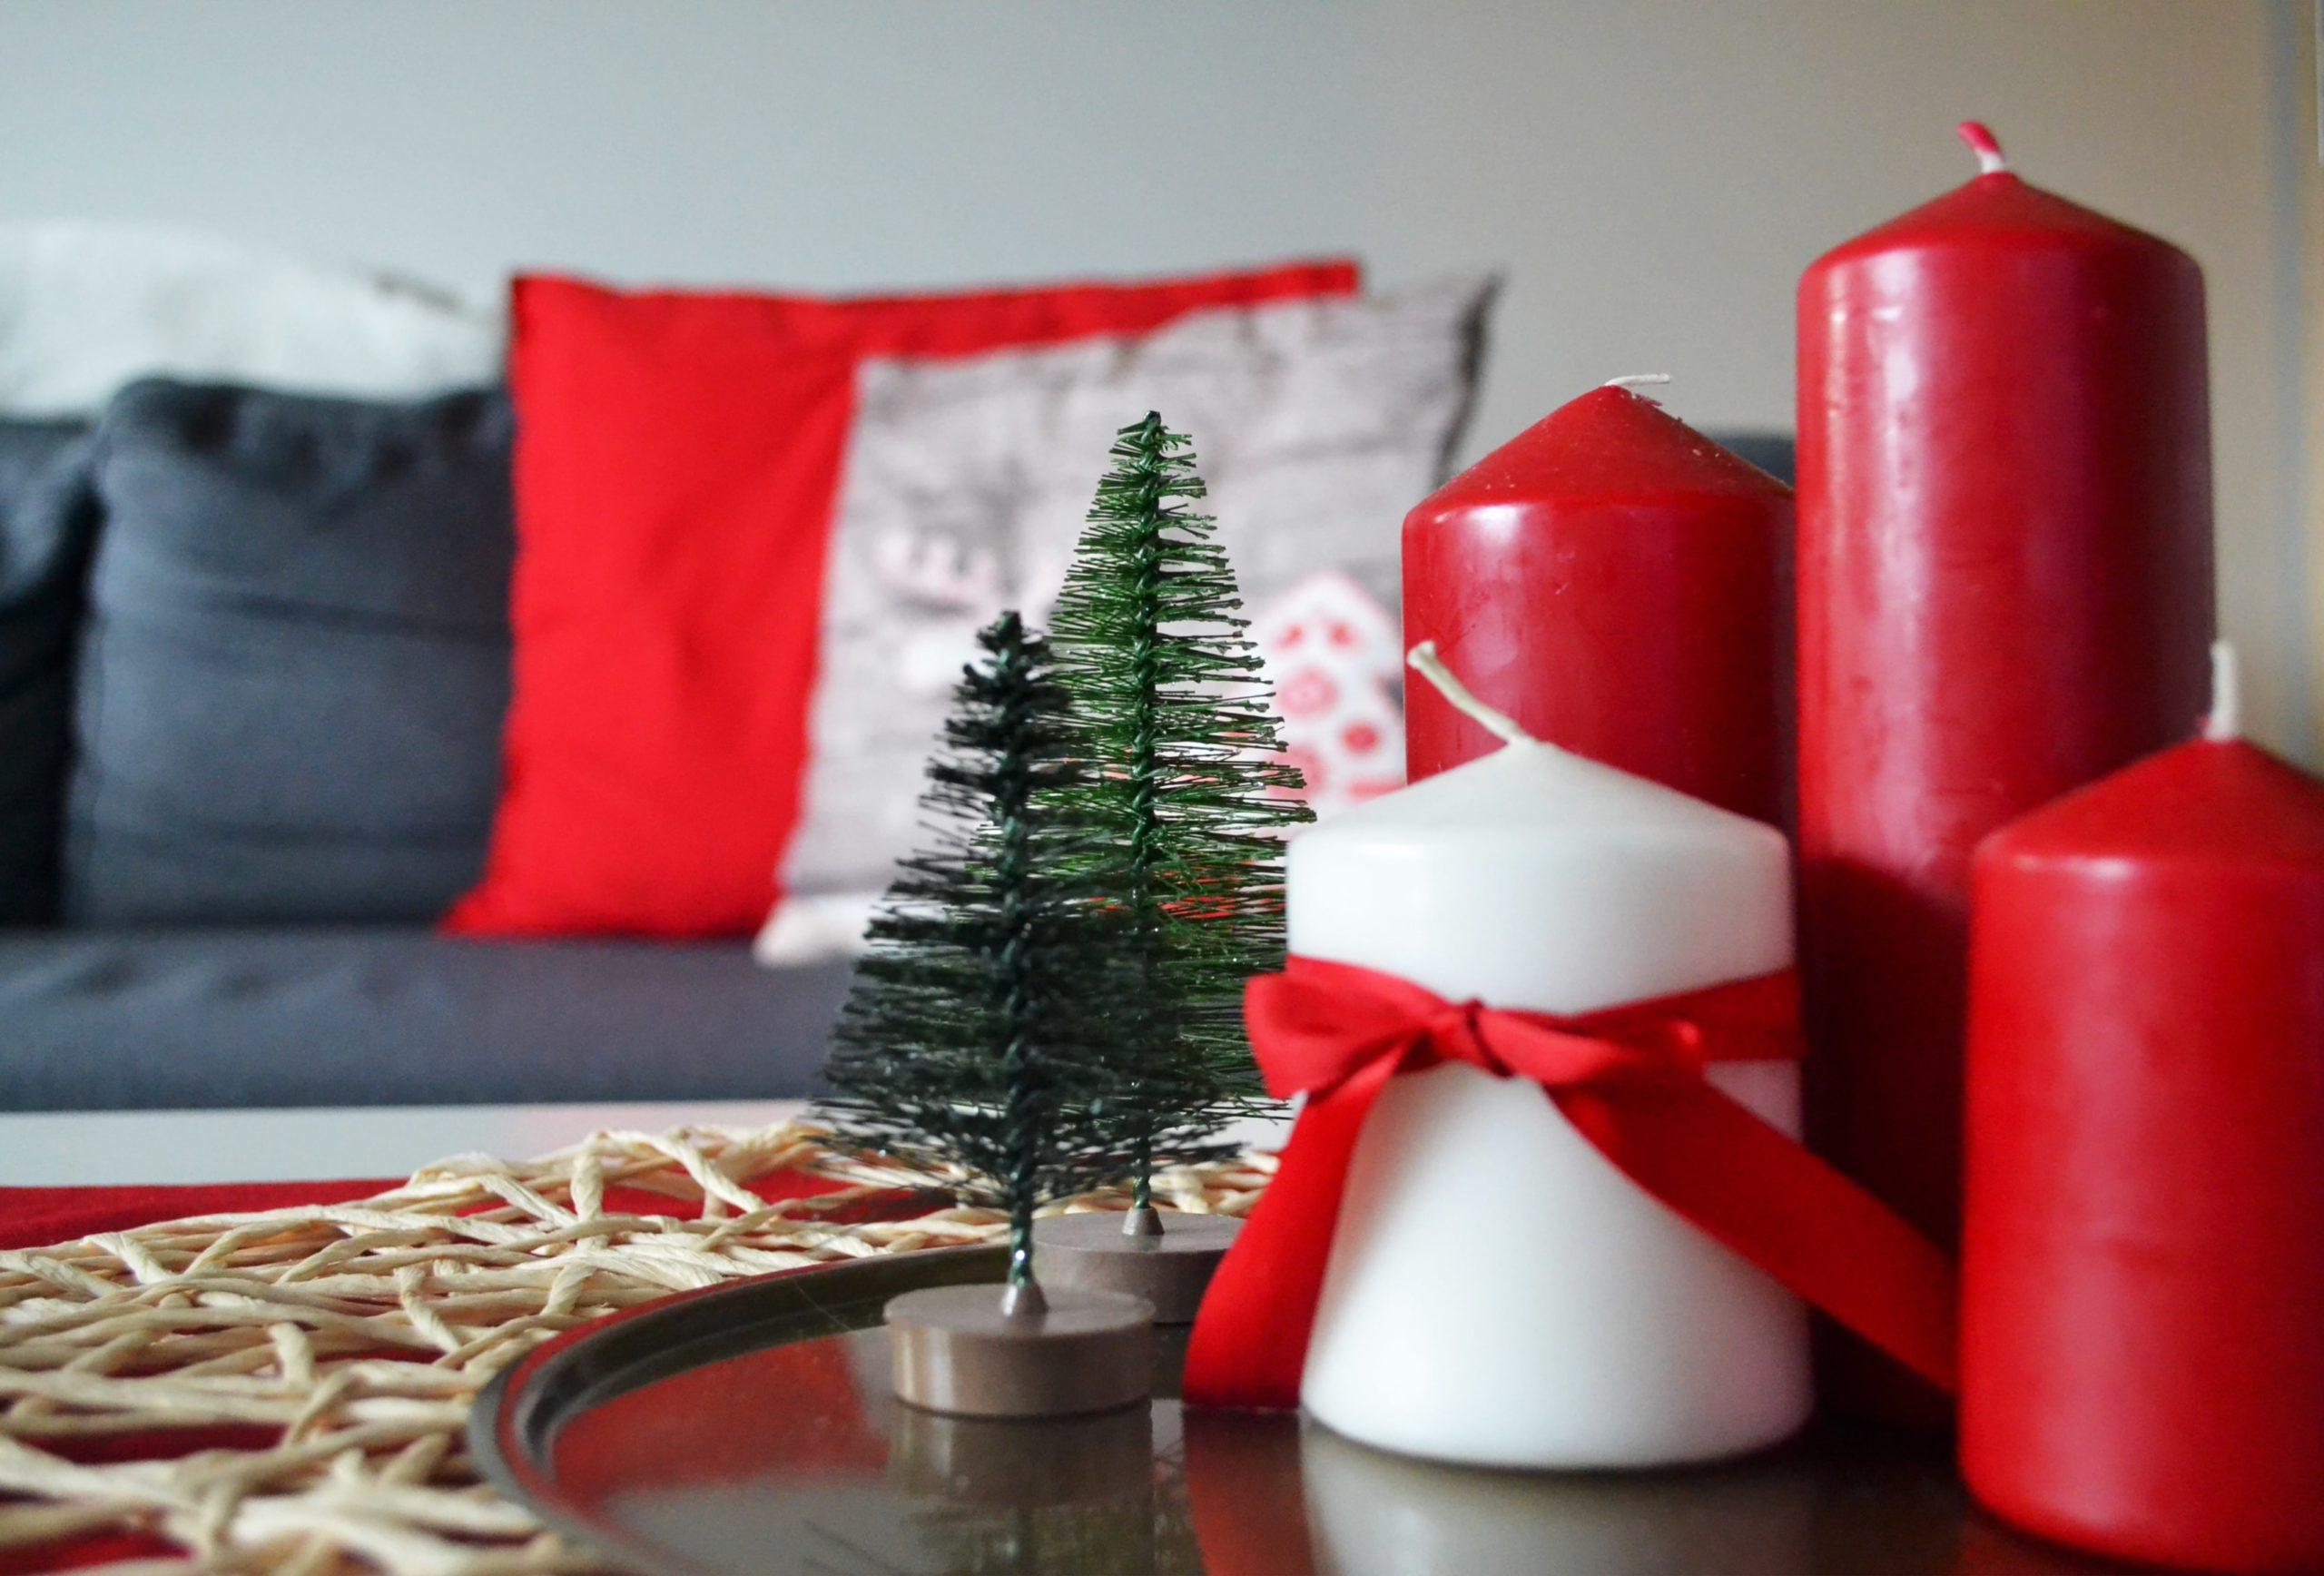 Magia świąt i zakupy w Ikea. O tym, jak prawie zgubiłam szklanki | Z życia wzięte #1